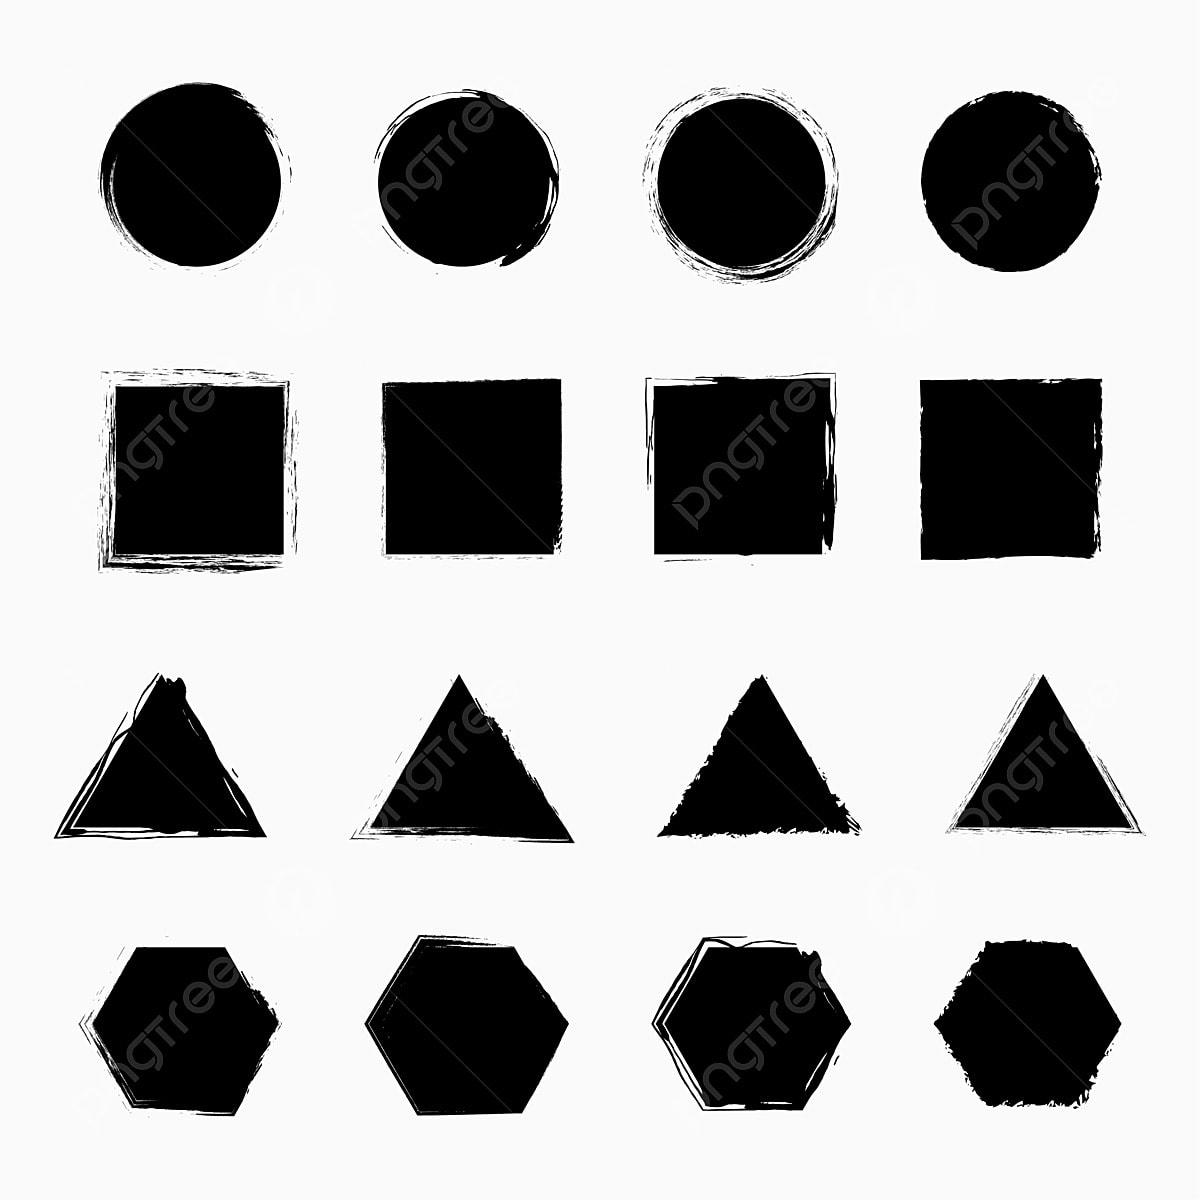 الجرونج أشكال دائرة مسدس مثلث مربع هندسي الجرونج هندسي دائرة Png والمتجهات للتحميل مجانا